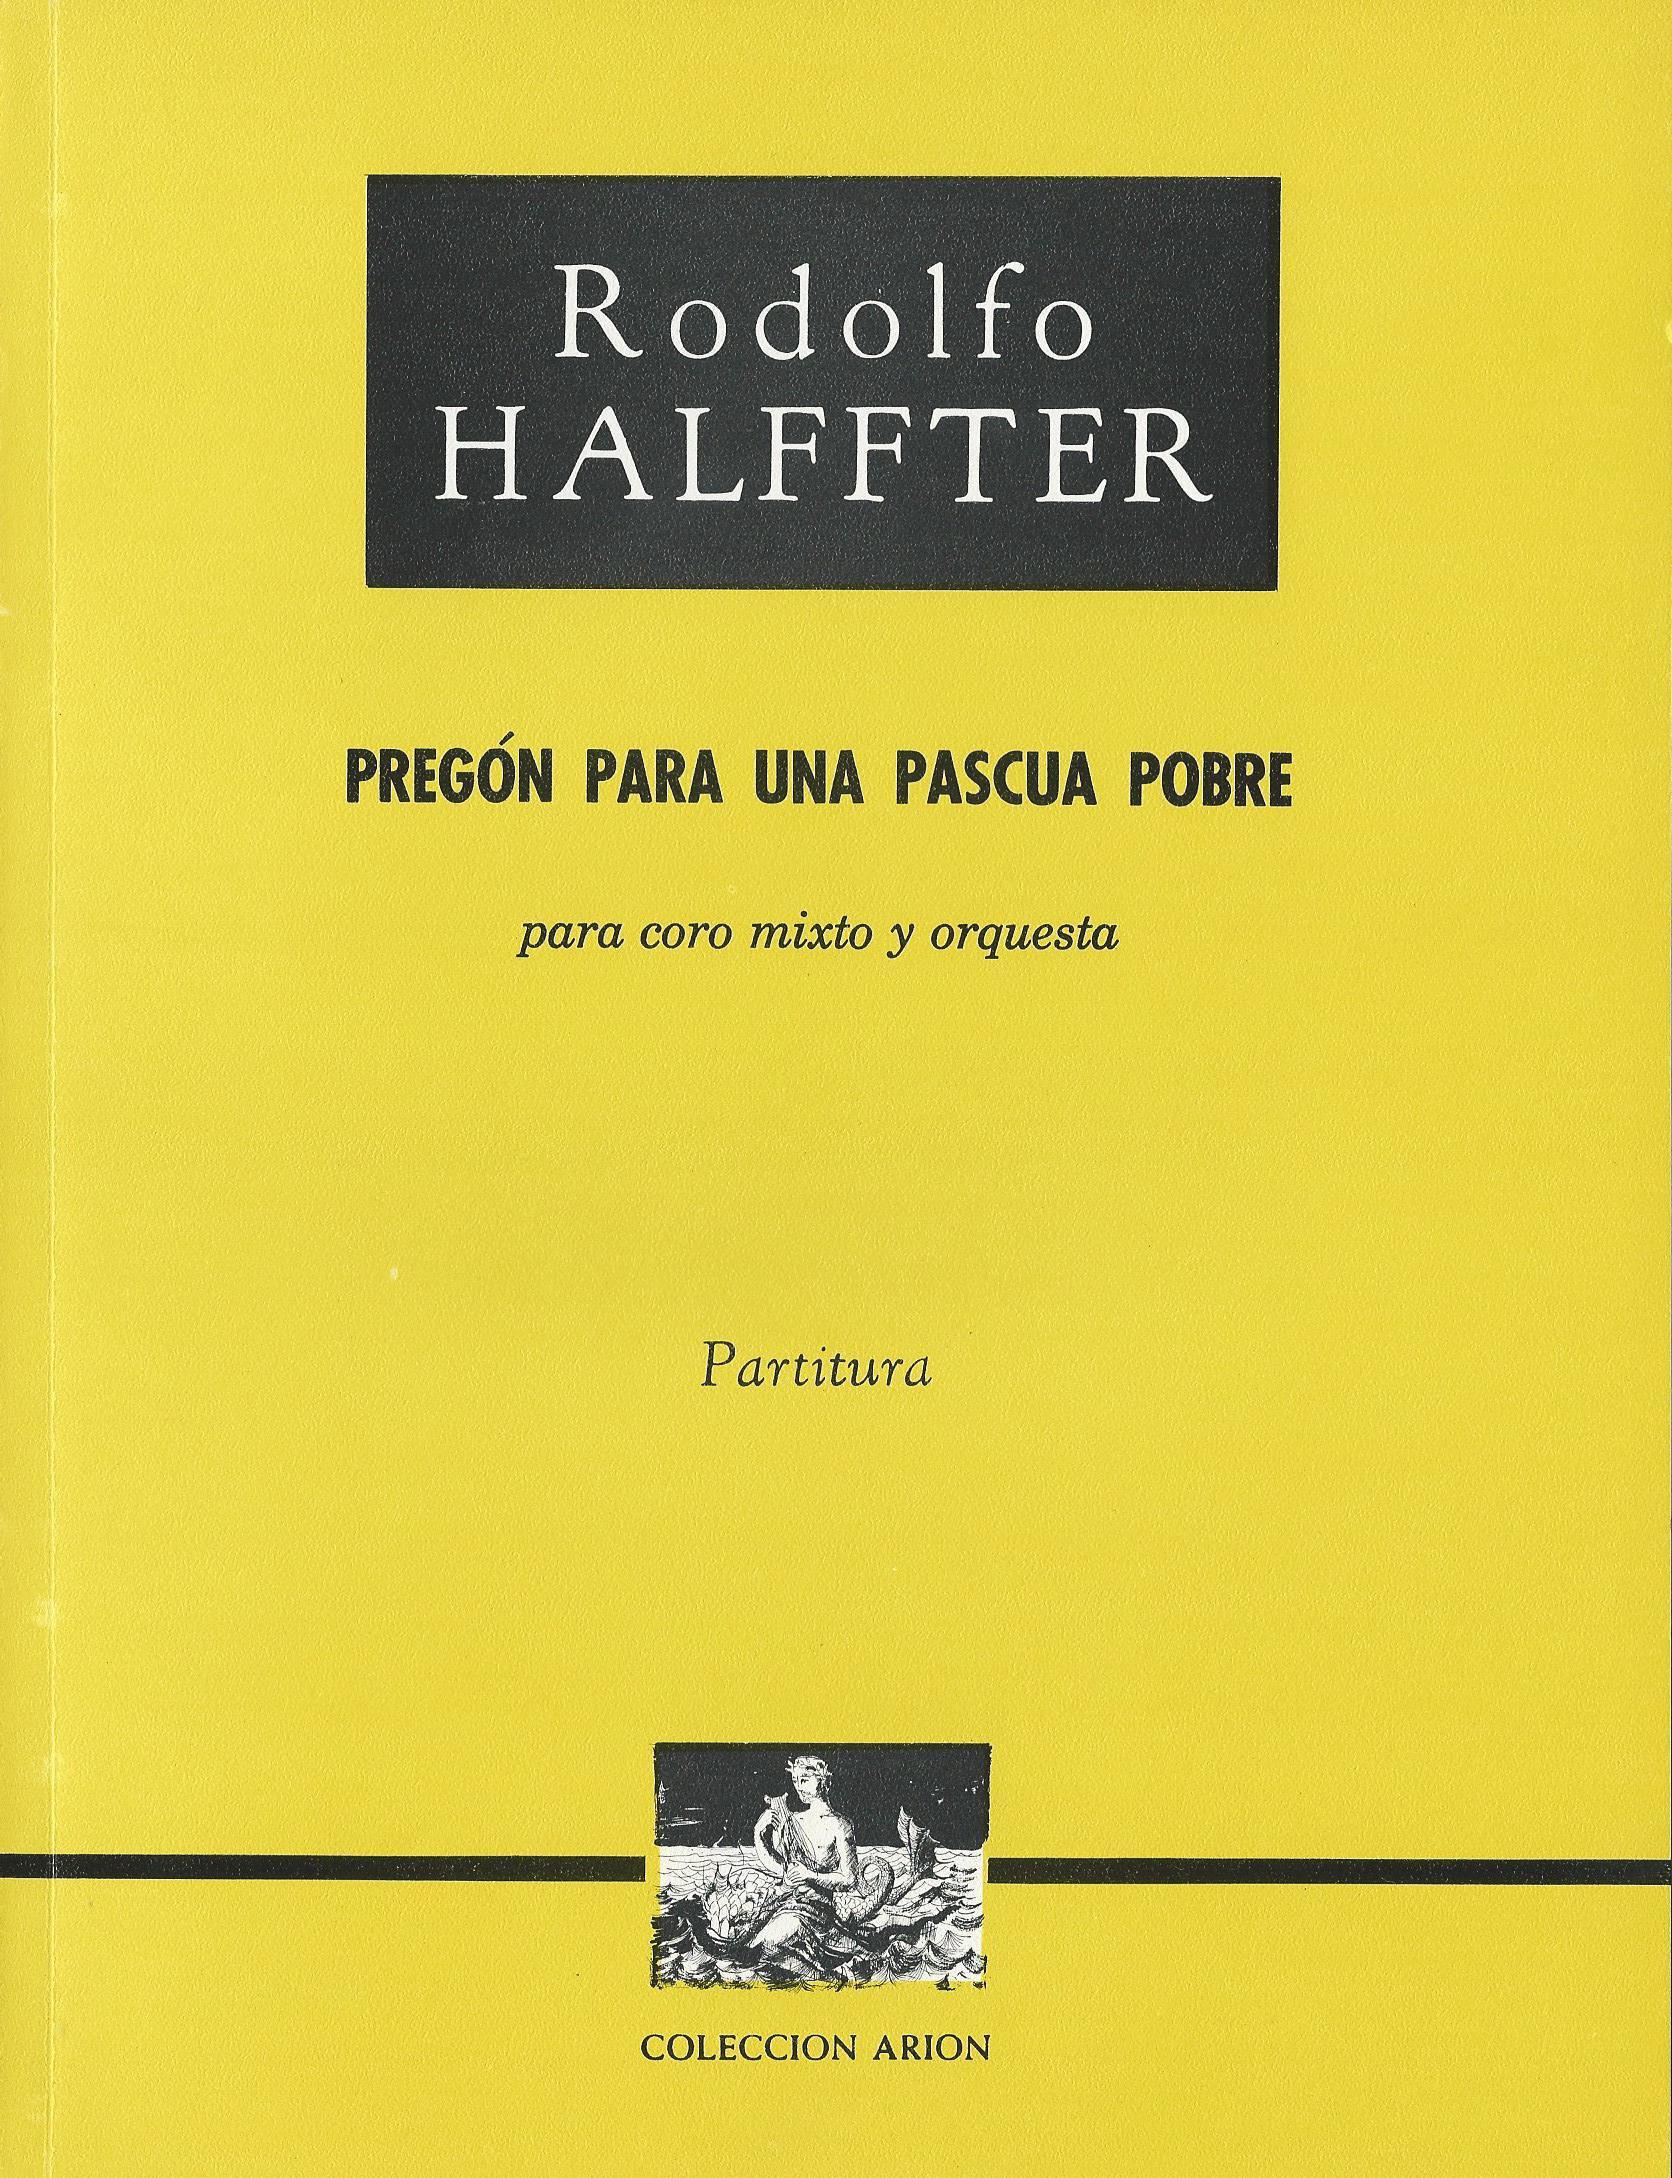 HALFFTER_RODOLFO_-_Pregón_para_una_pascua_pobre_01.jpg